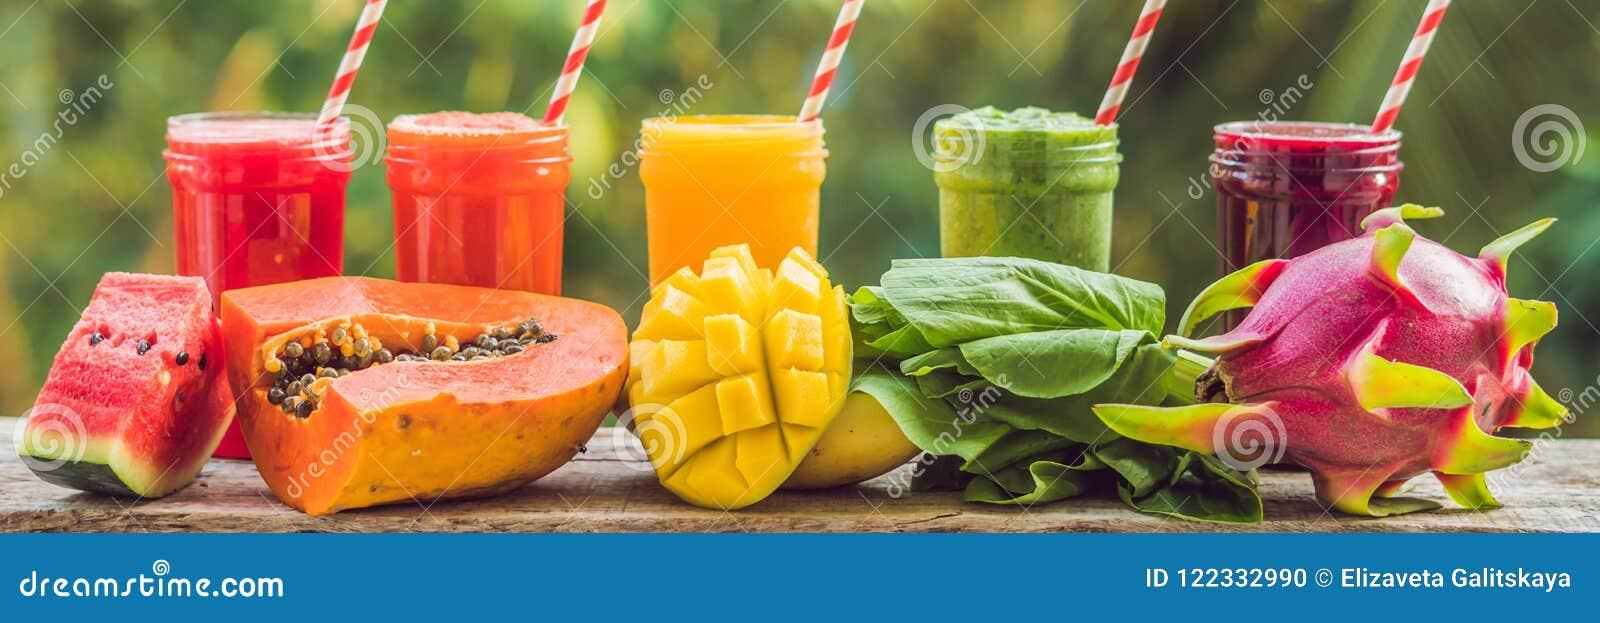 Arco iris de los smoothies La sandía, la papaya, el mango, la espinaca y el dragón dan fruto Los Smoothies, jugos, bebidas, beben